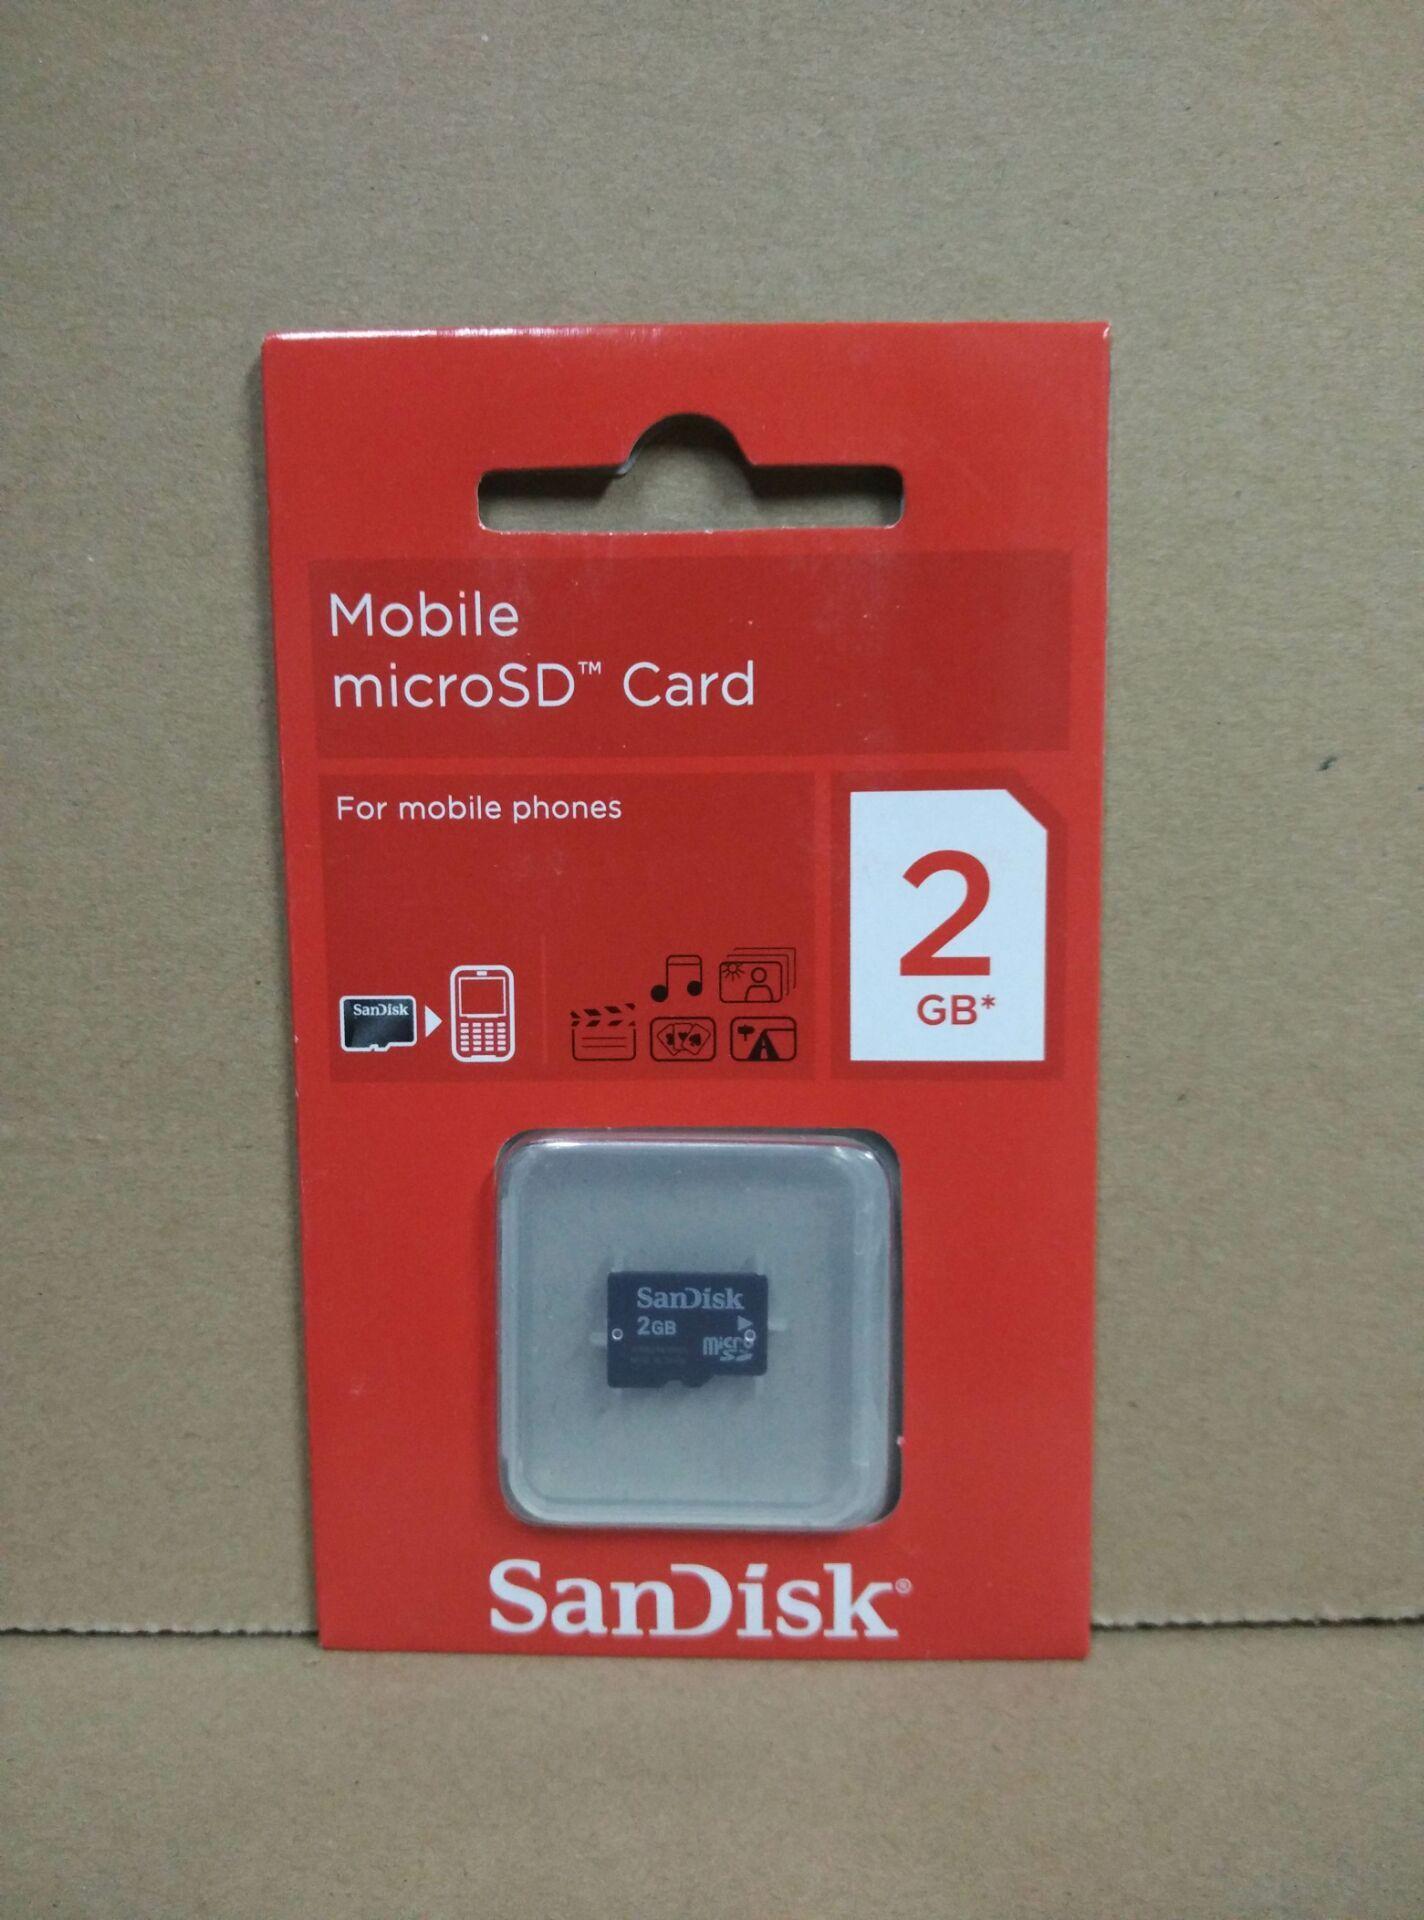 送卡套 sandisk閃迪 tf 2g  micro sd卡 手機記憶體卡 老款相機卡 車載sd卡儲存卡 如意卡 儲存卡非sdhc低速卡